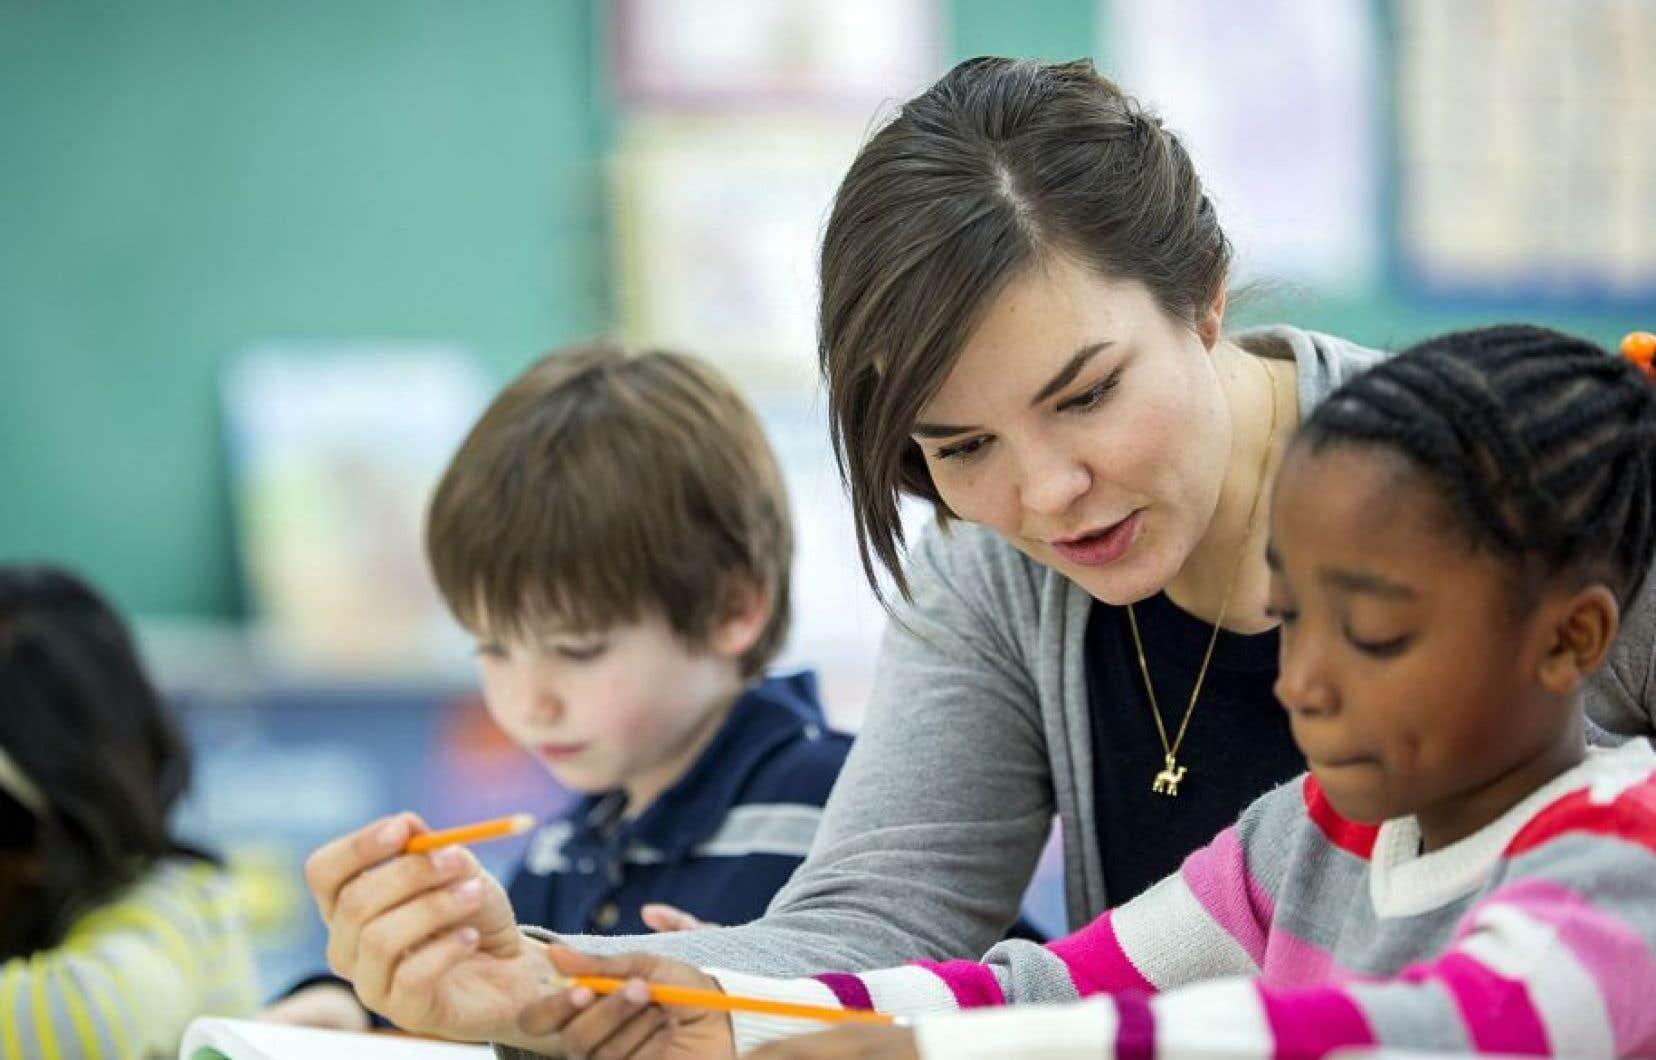 Les enseignants estiment ne pas avoir reçu assez de formation dans la discipline qu'ils enseigneront, en l'occurrence l'histoire du Canada et du Québec.